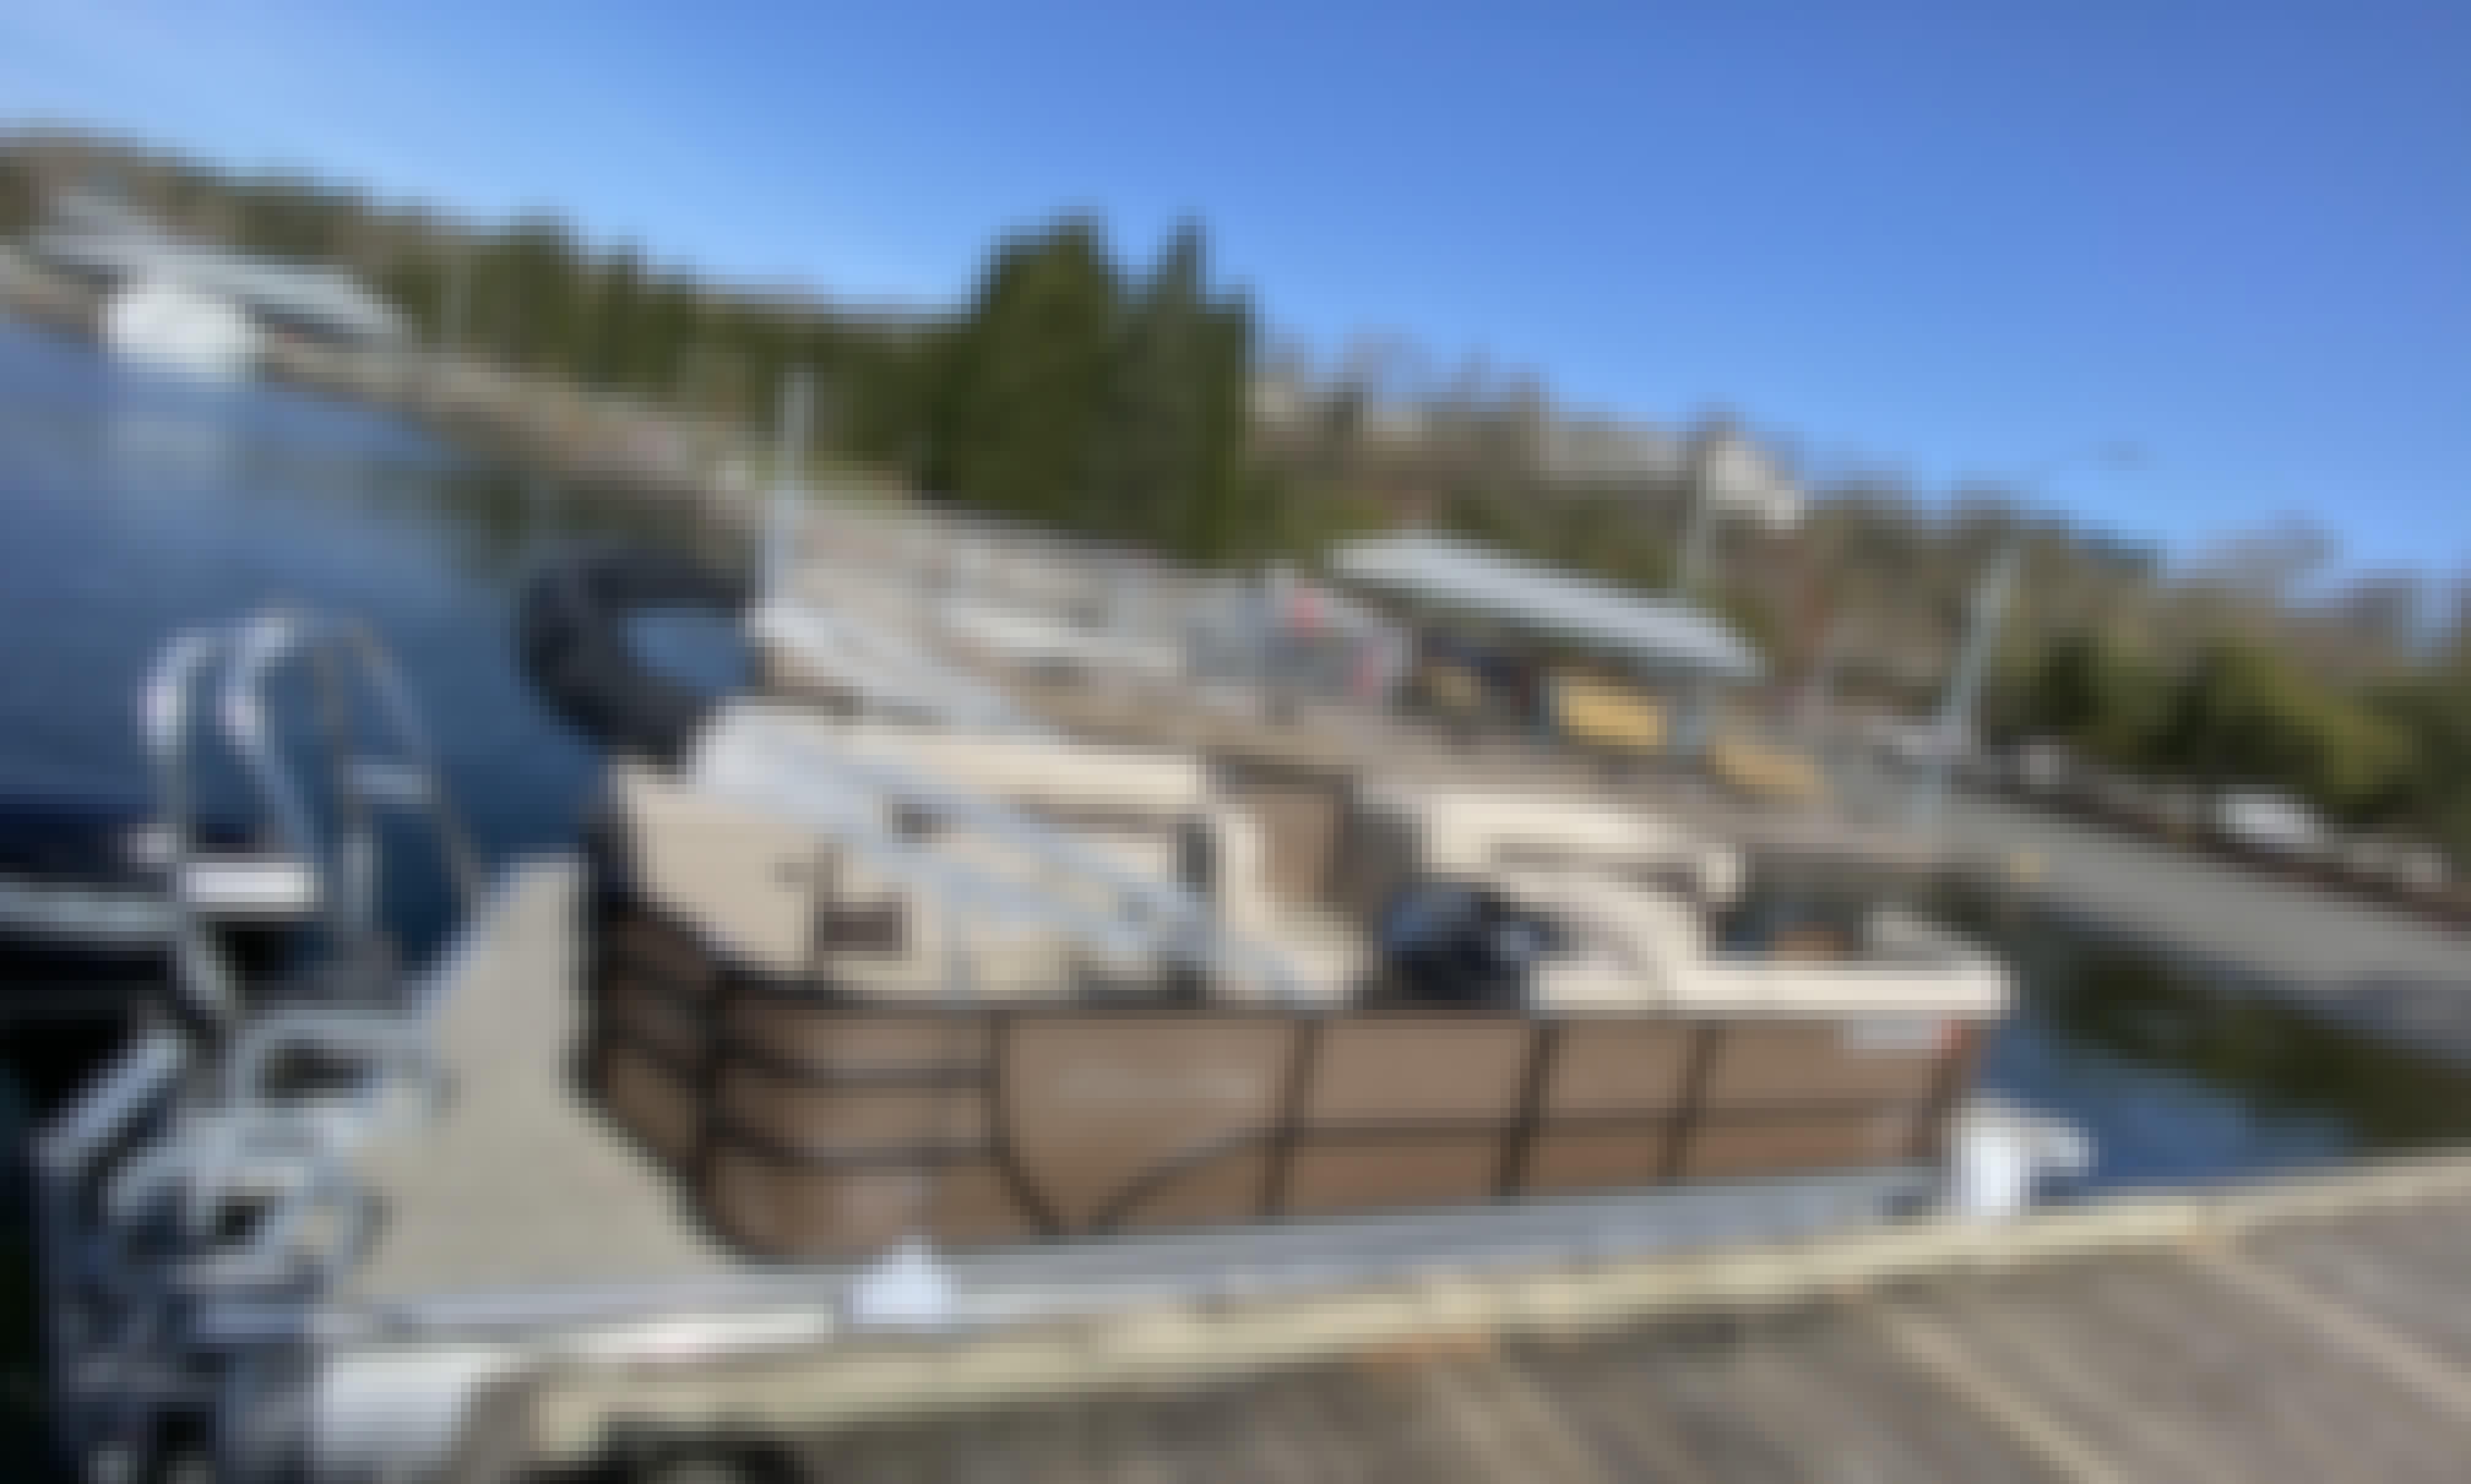 2021 Bentley Pontoon Boat, Renton